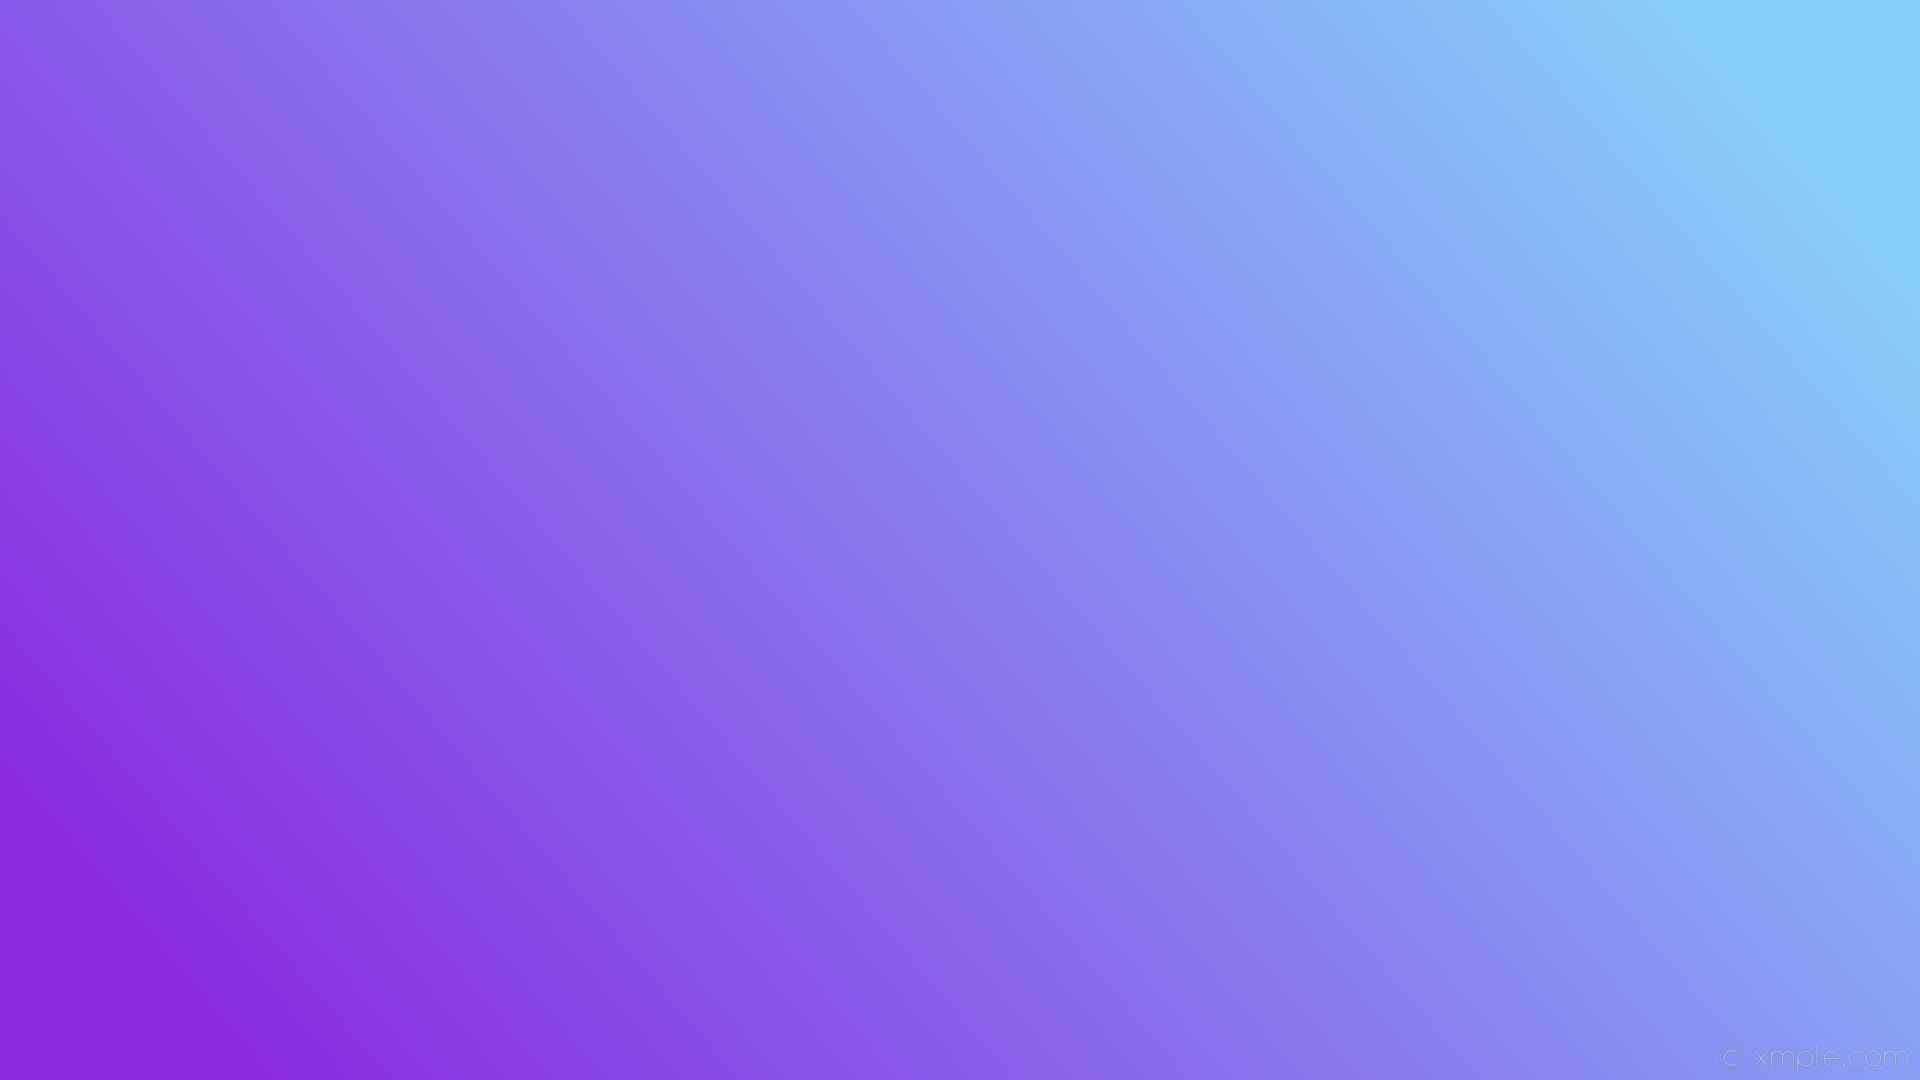 wallpaper blue gradient purple linear light sky blue blue violet #87cefa  #8a2be2 15°